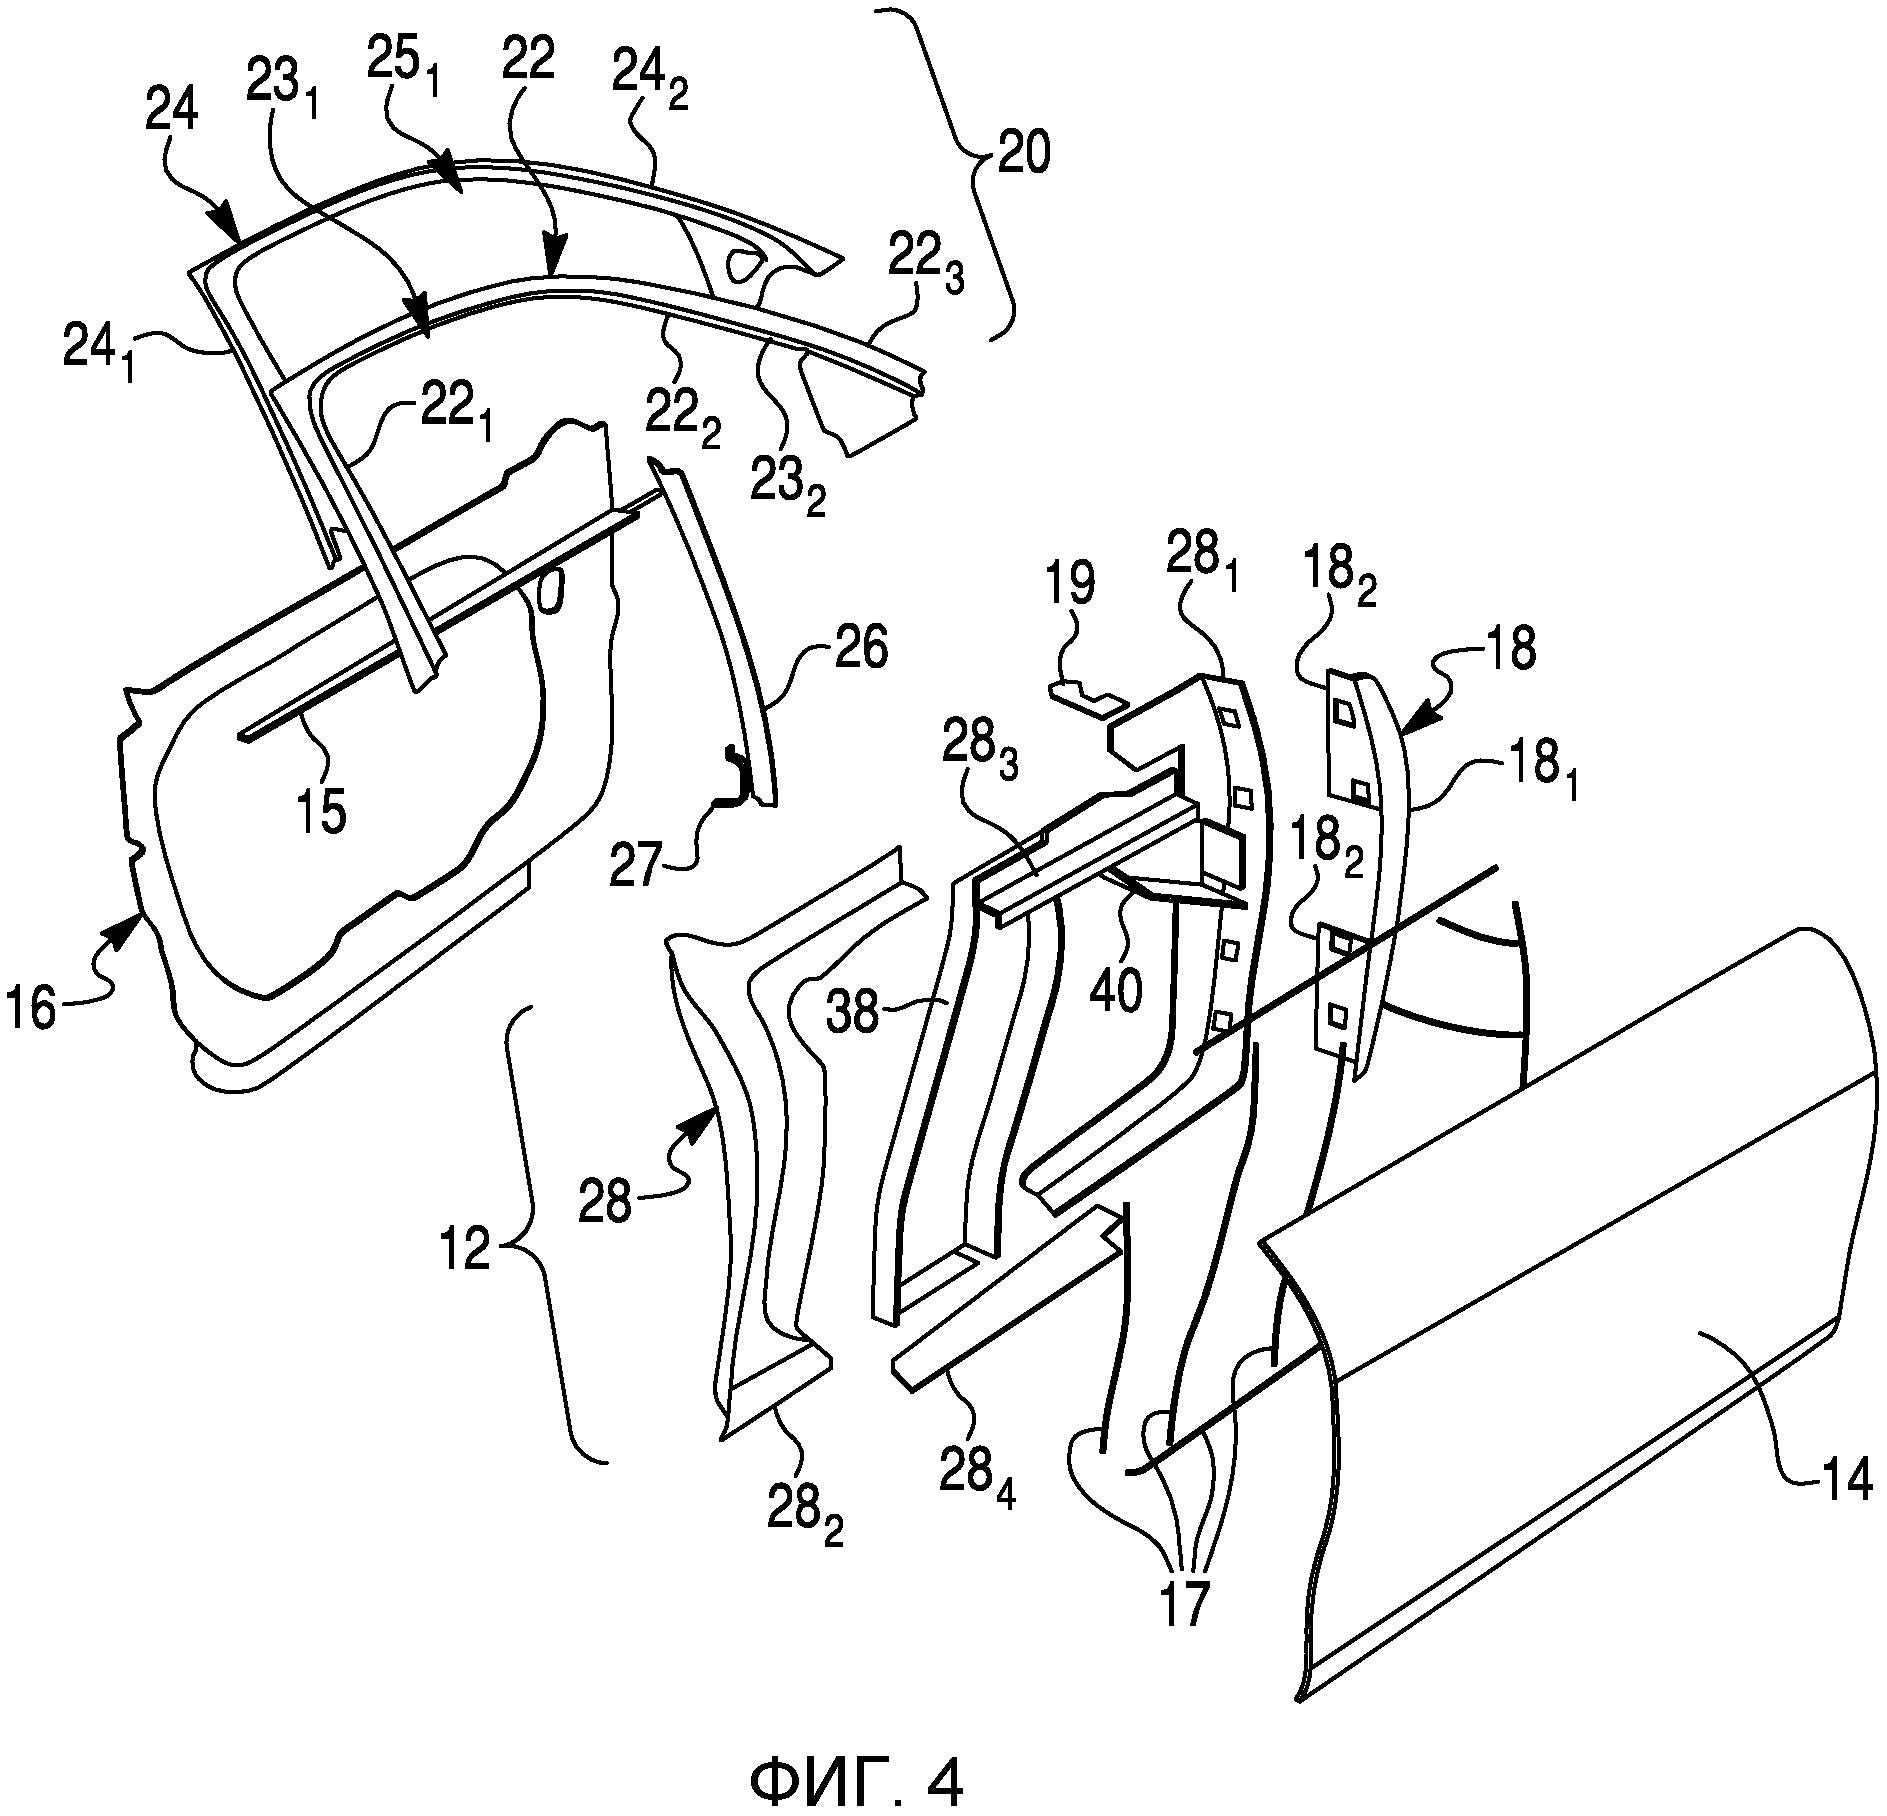 Легковесная стальная дверь для транспортного средства и способ для ее изготовления